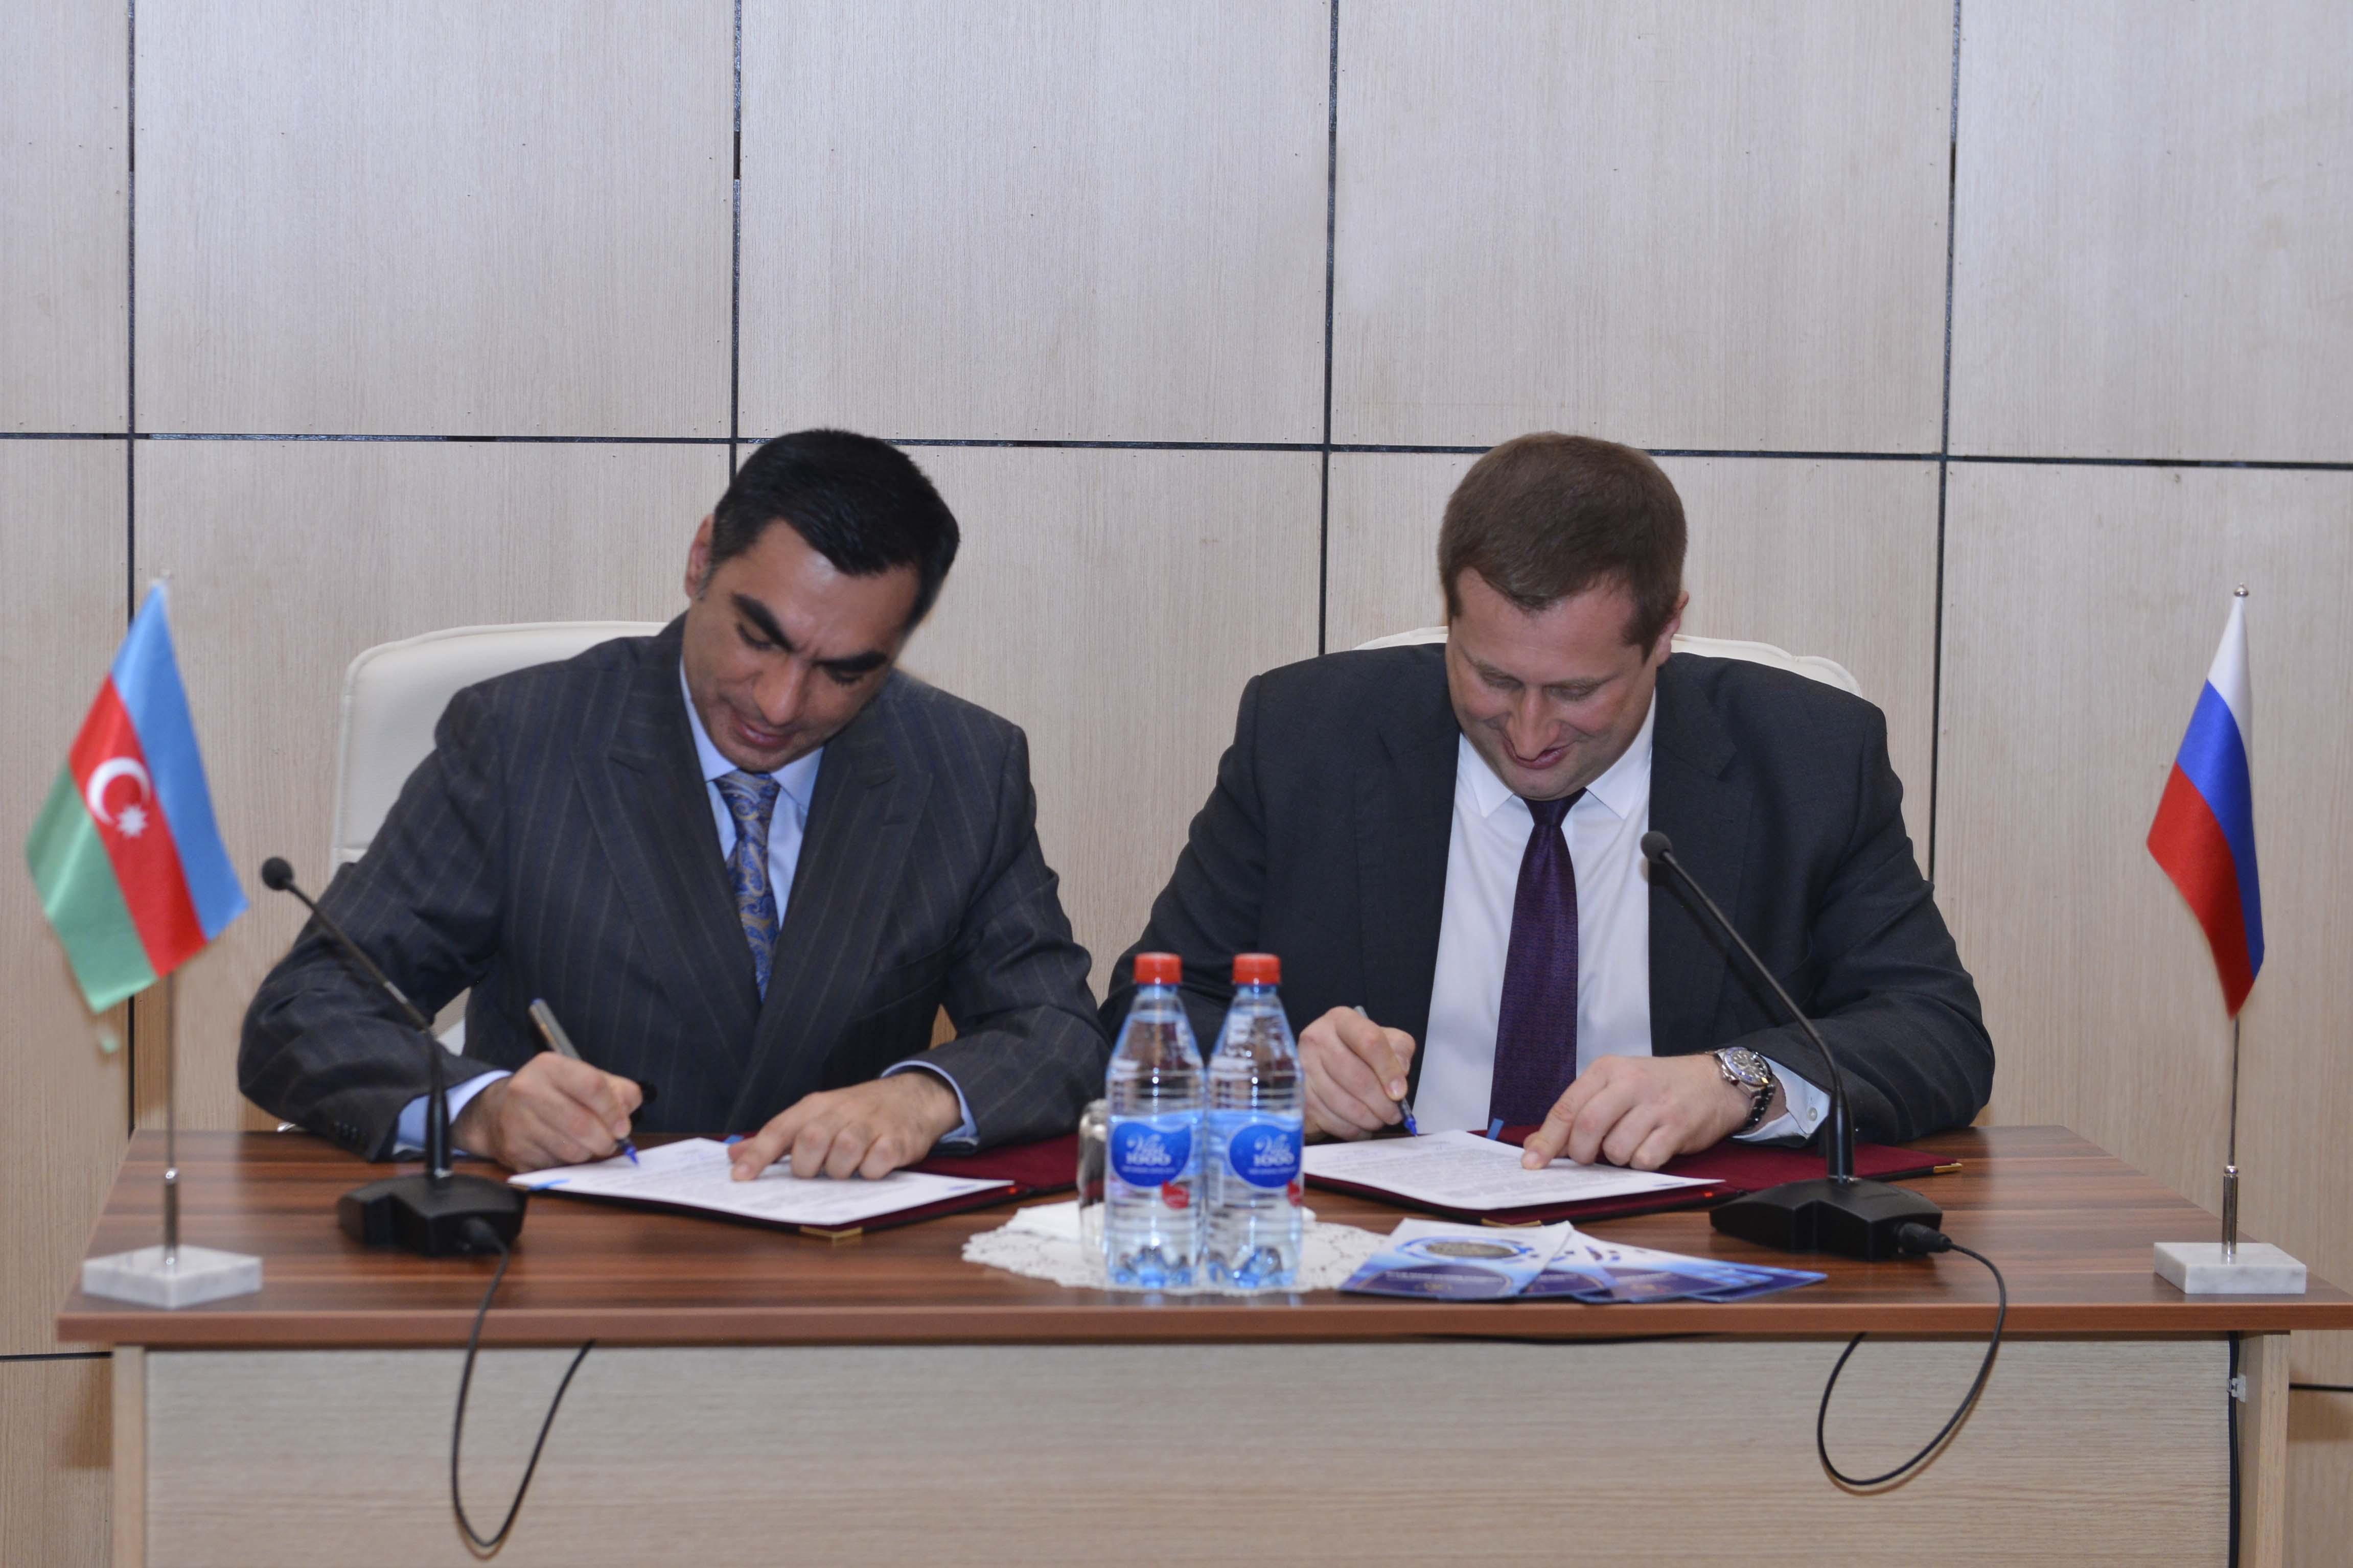 BANM və Moskva Dövlət Beynəlxalq Münasibətlər İnstitutu arasında anlaşma memorandumu imzalanıb